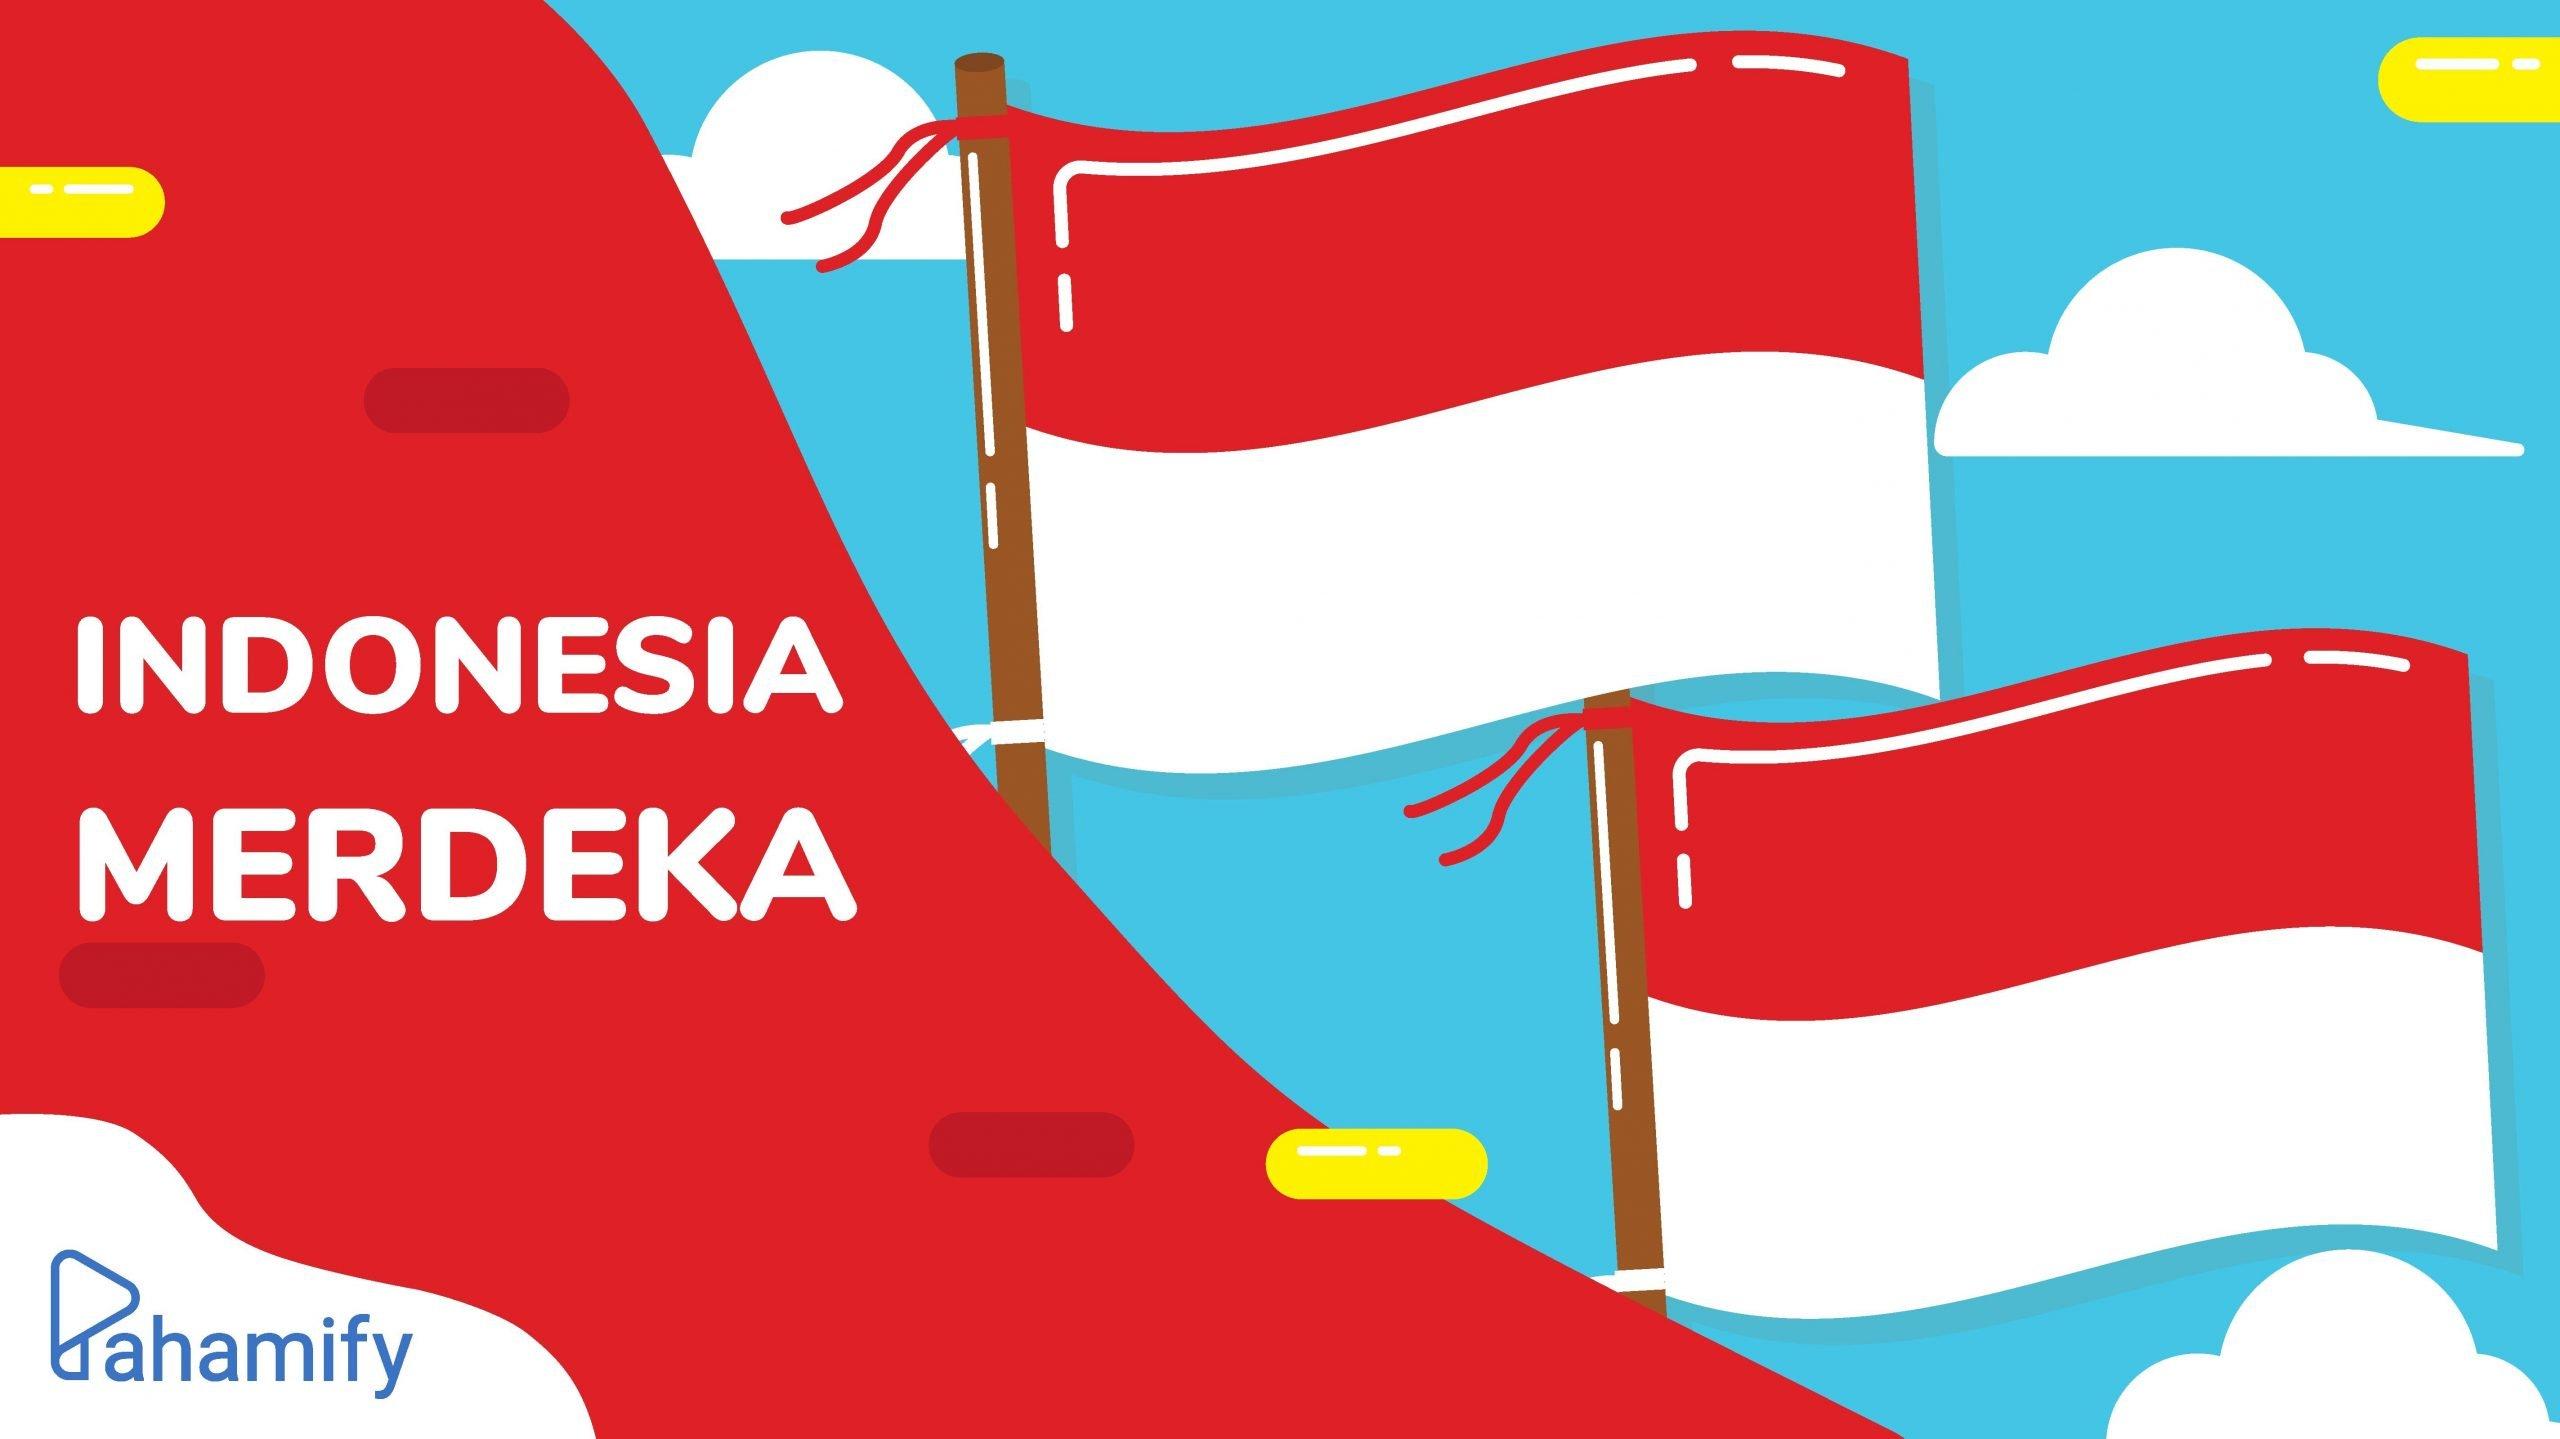 Reaksi Rakyat Indonesia Terhadap Proklamasi Kemerdekaan Pahamify Semua Bisa Semua Paham